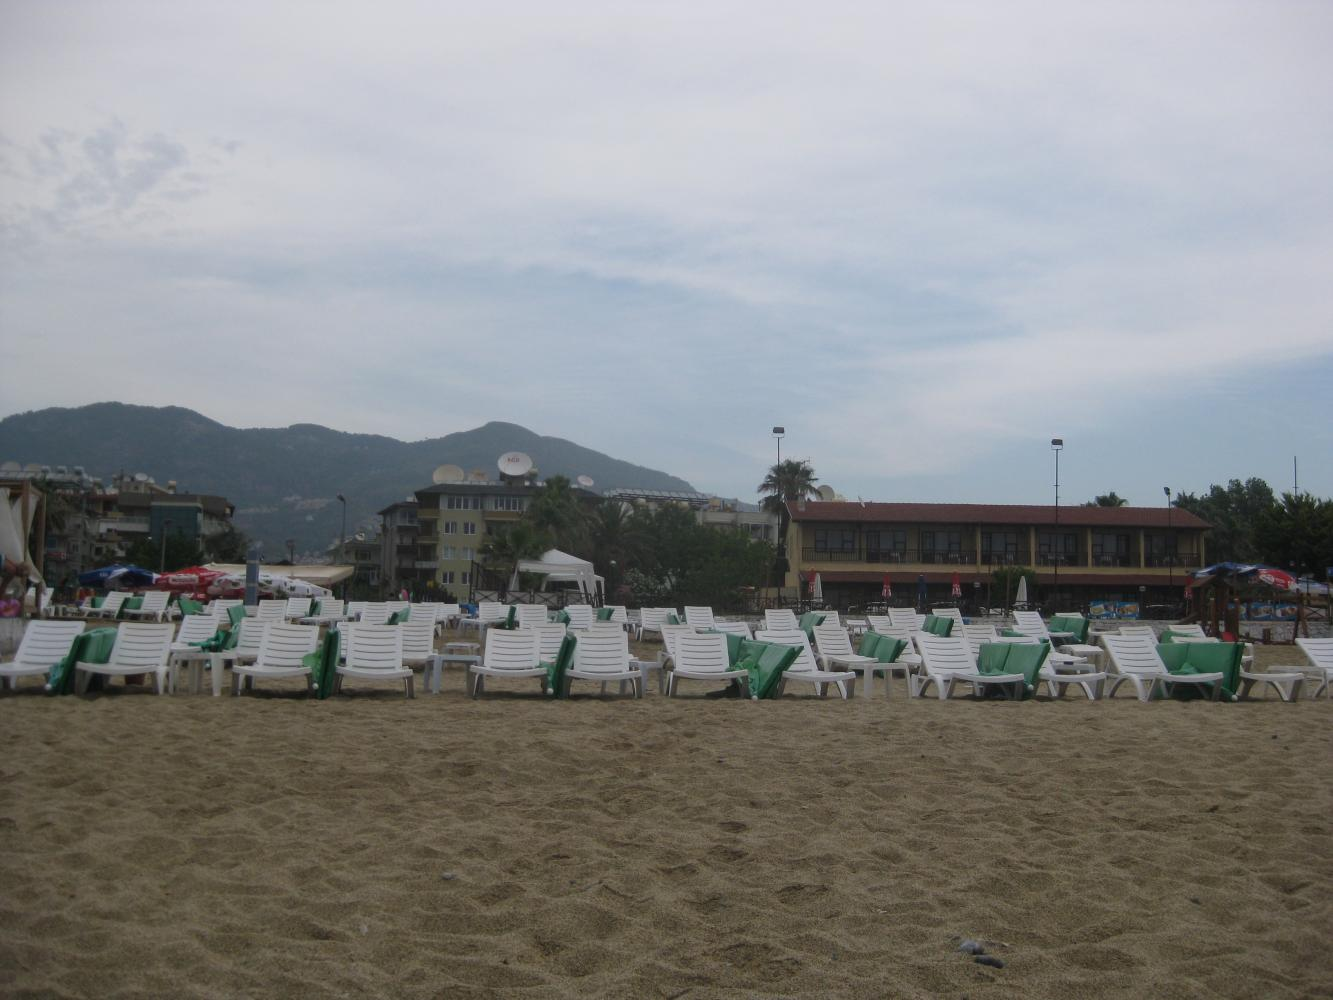 У отеля есть своя территория на пляже